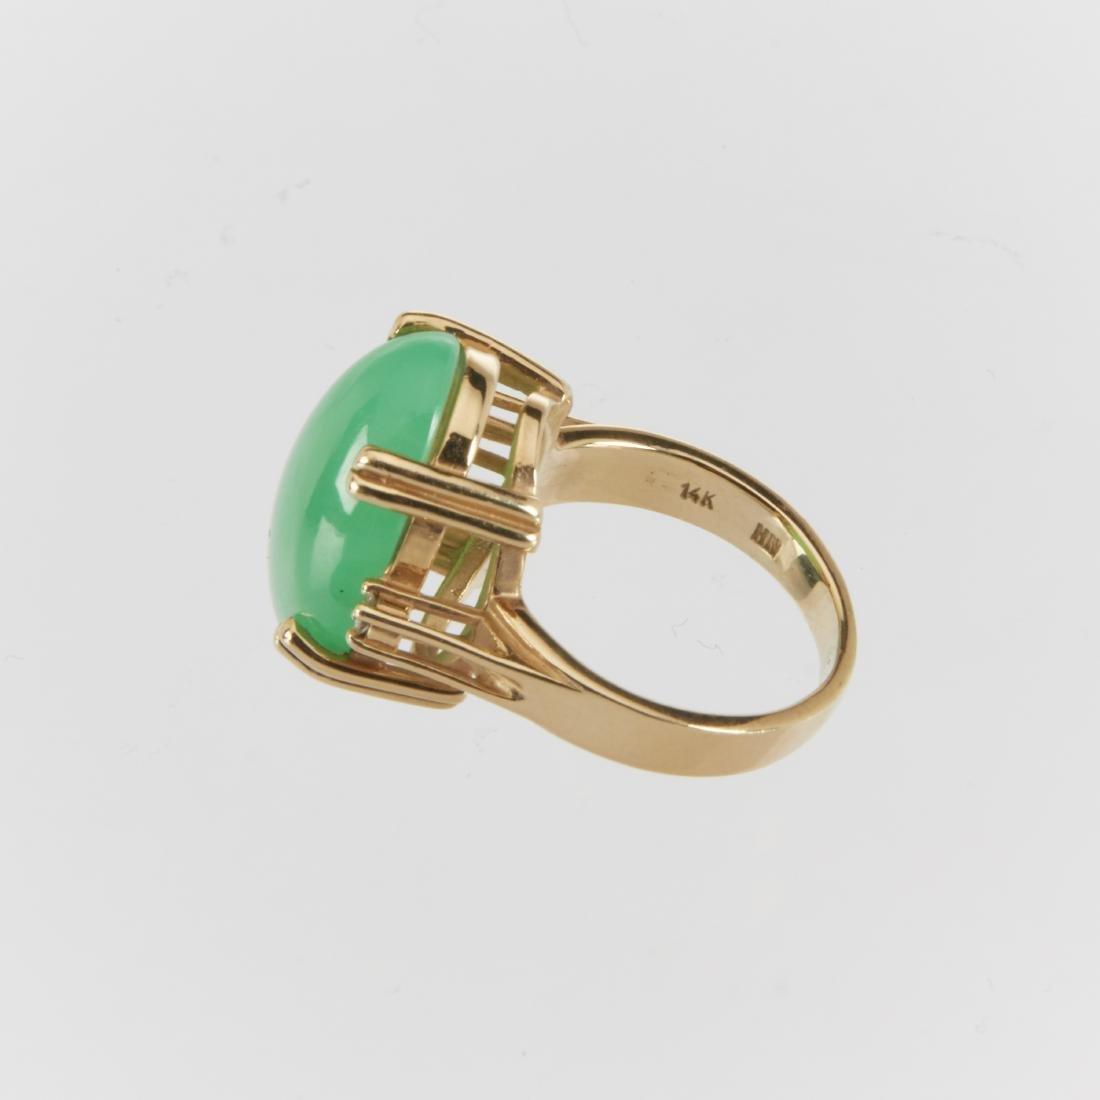 A 14K & Jade Ring & Earrings Set - 4